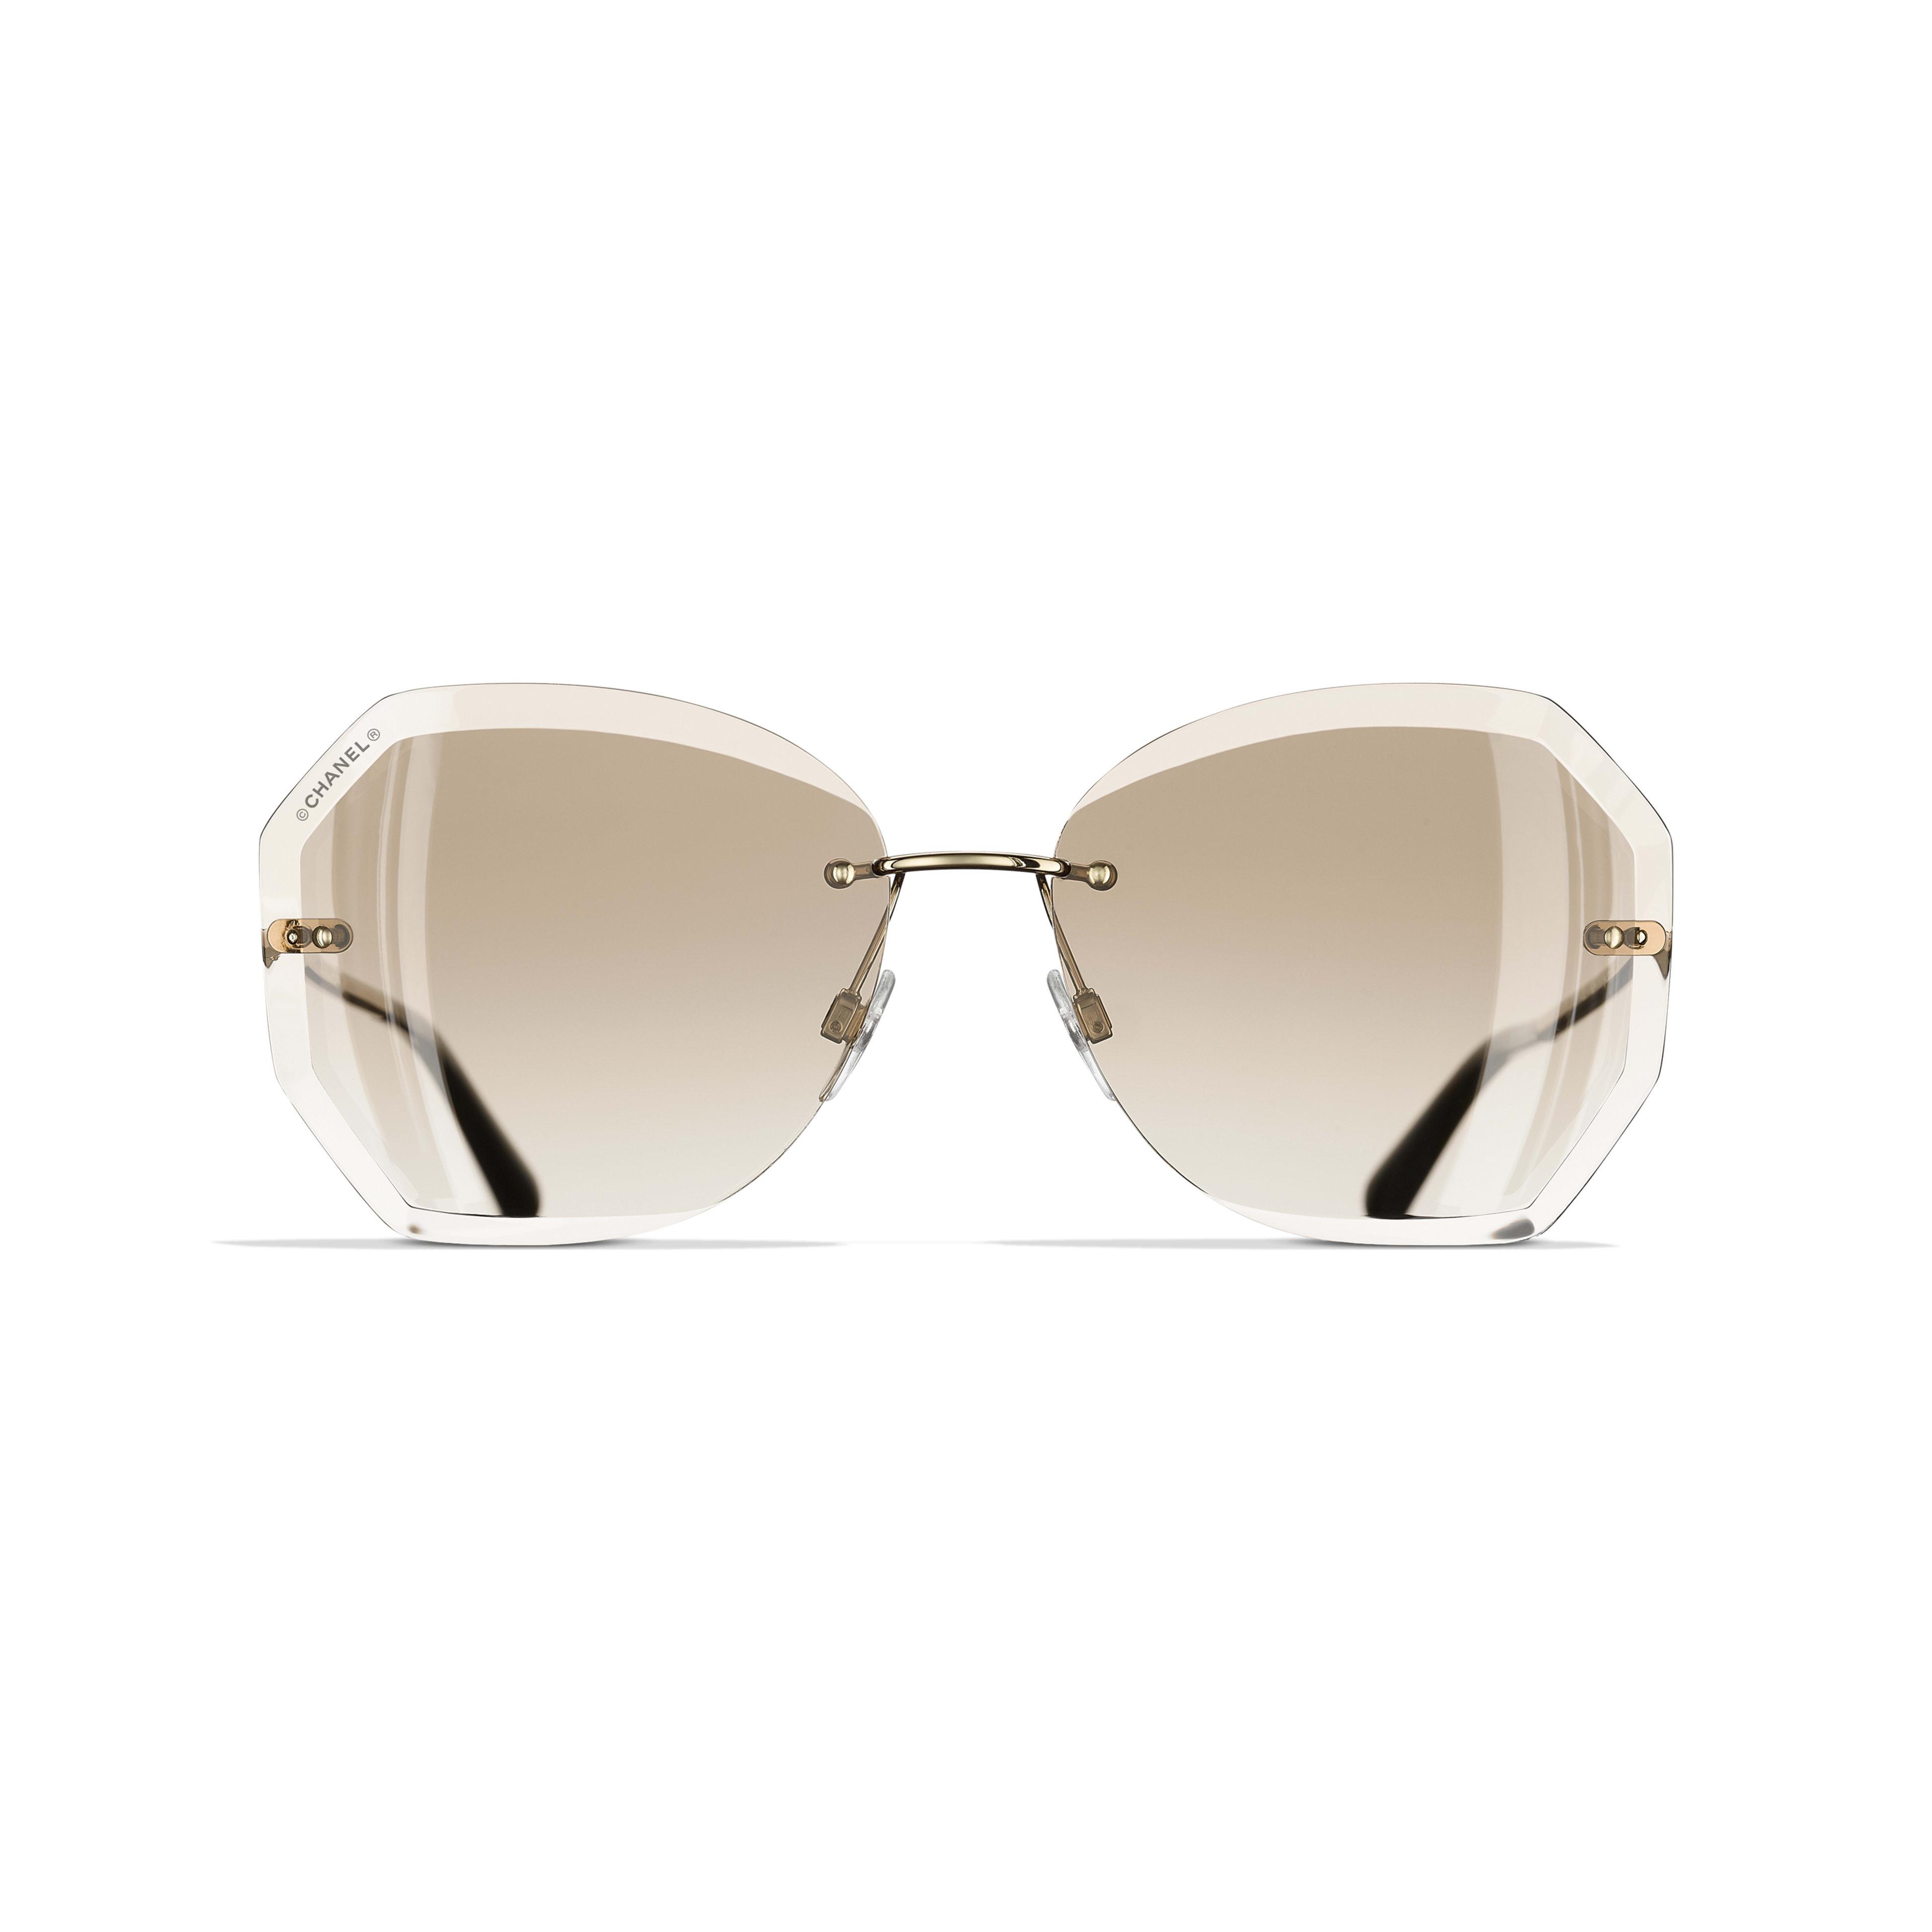 Gafas de sol redondas - Dorado y beige - Metal - CHANEL - Vista alternativa - ver la versión tamaño estándar